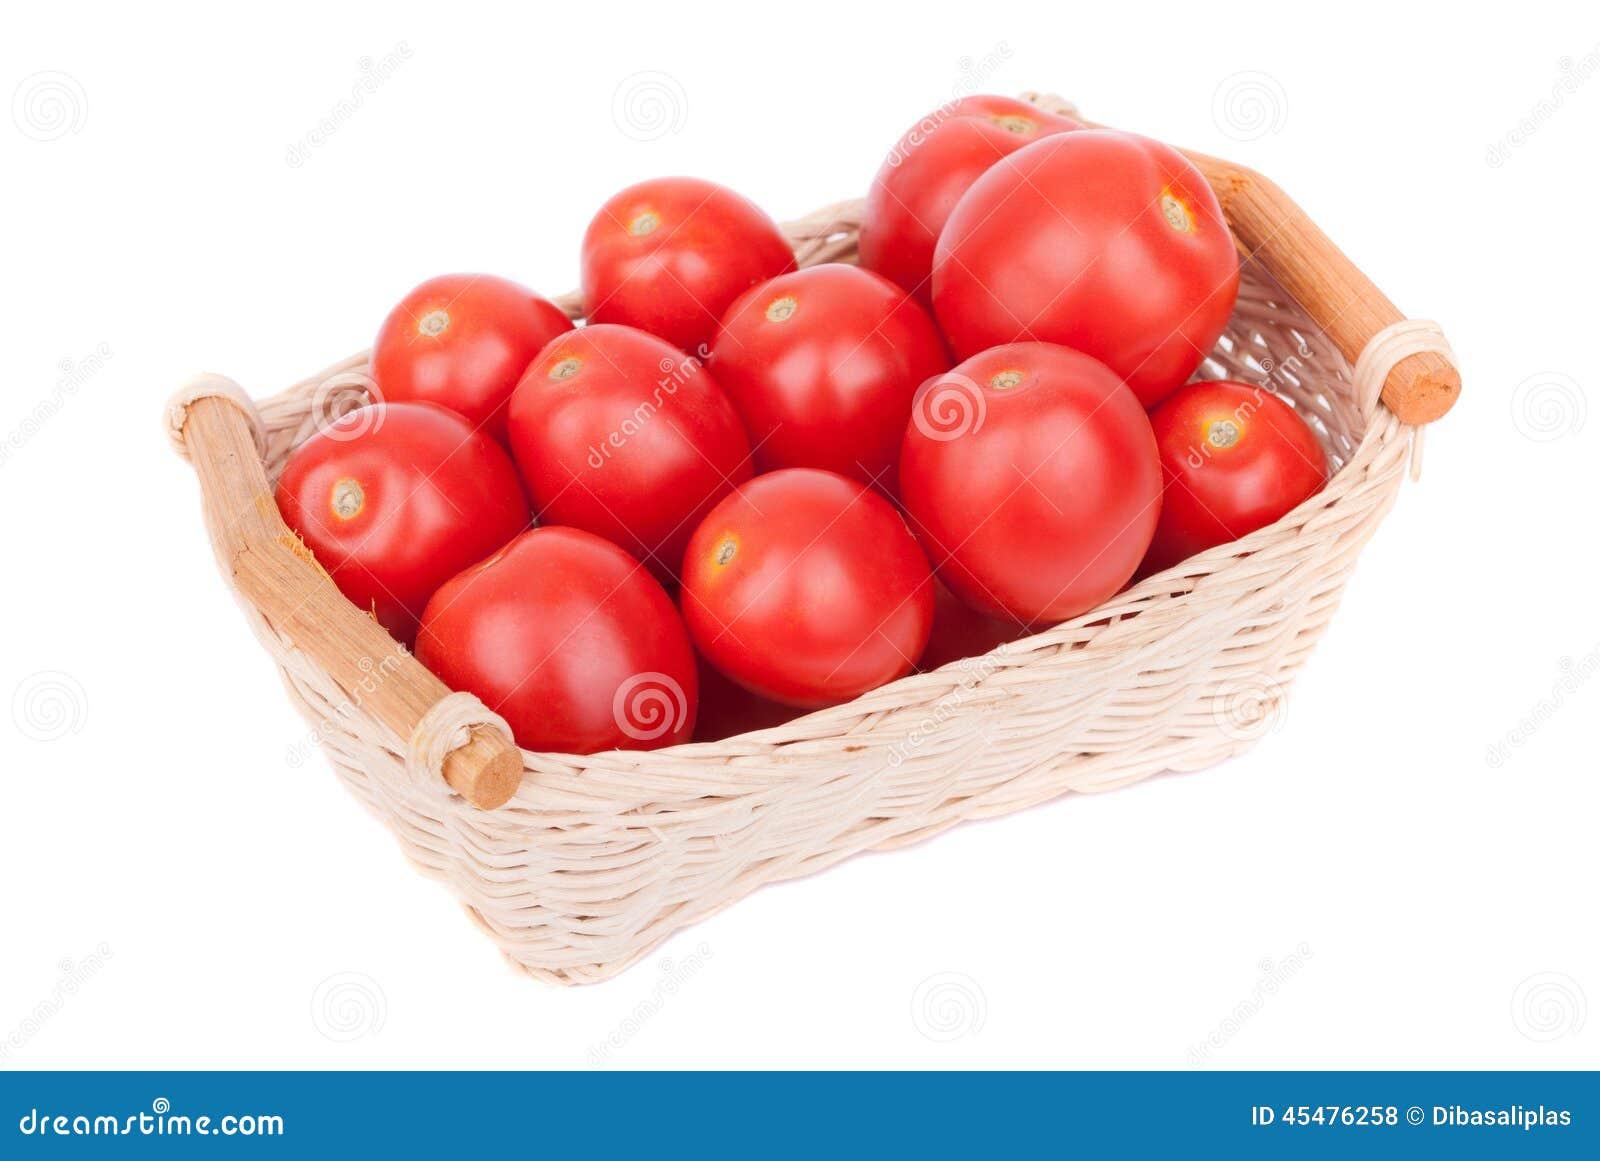 在篮子的红色蕃茄